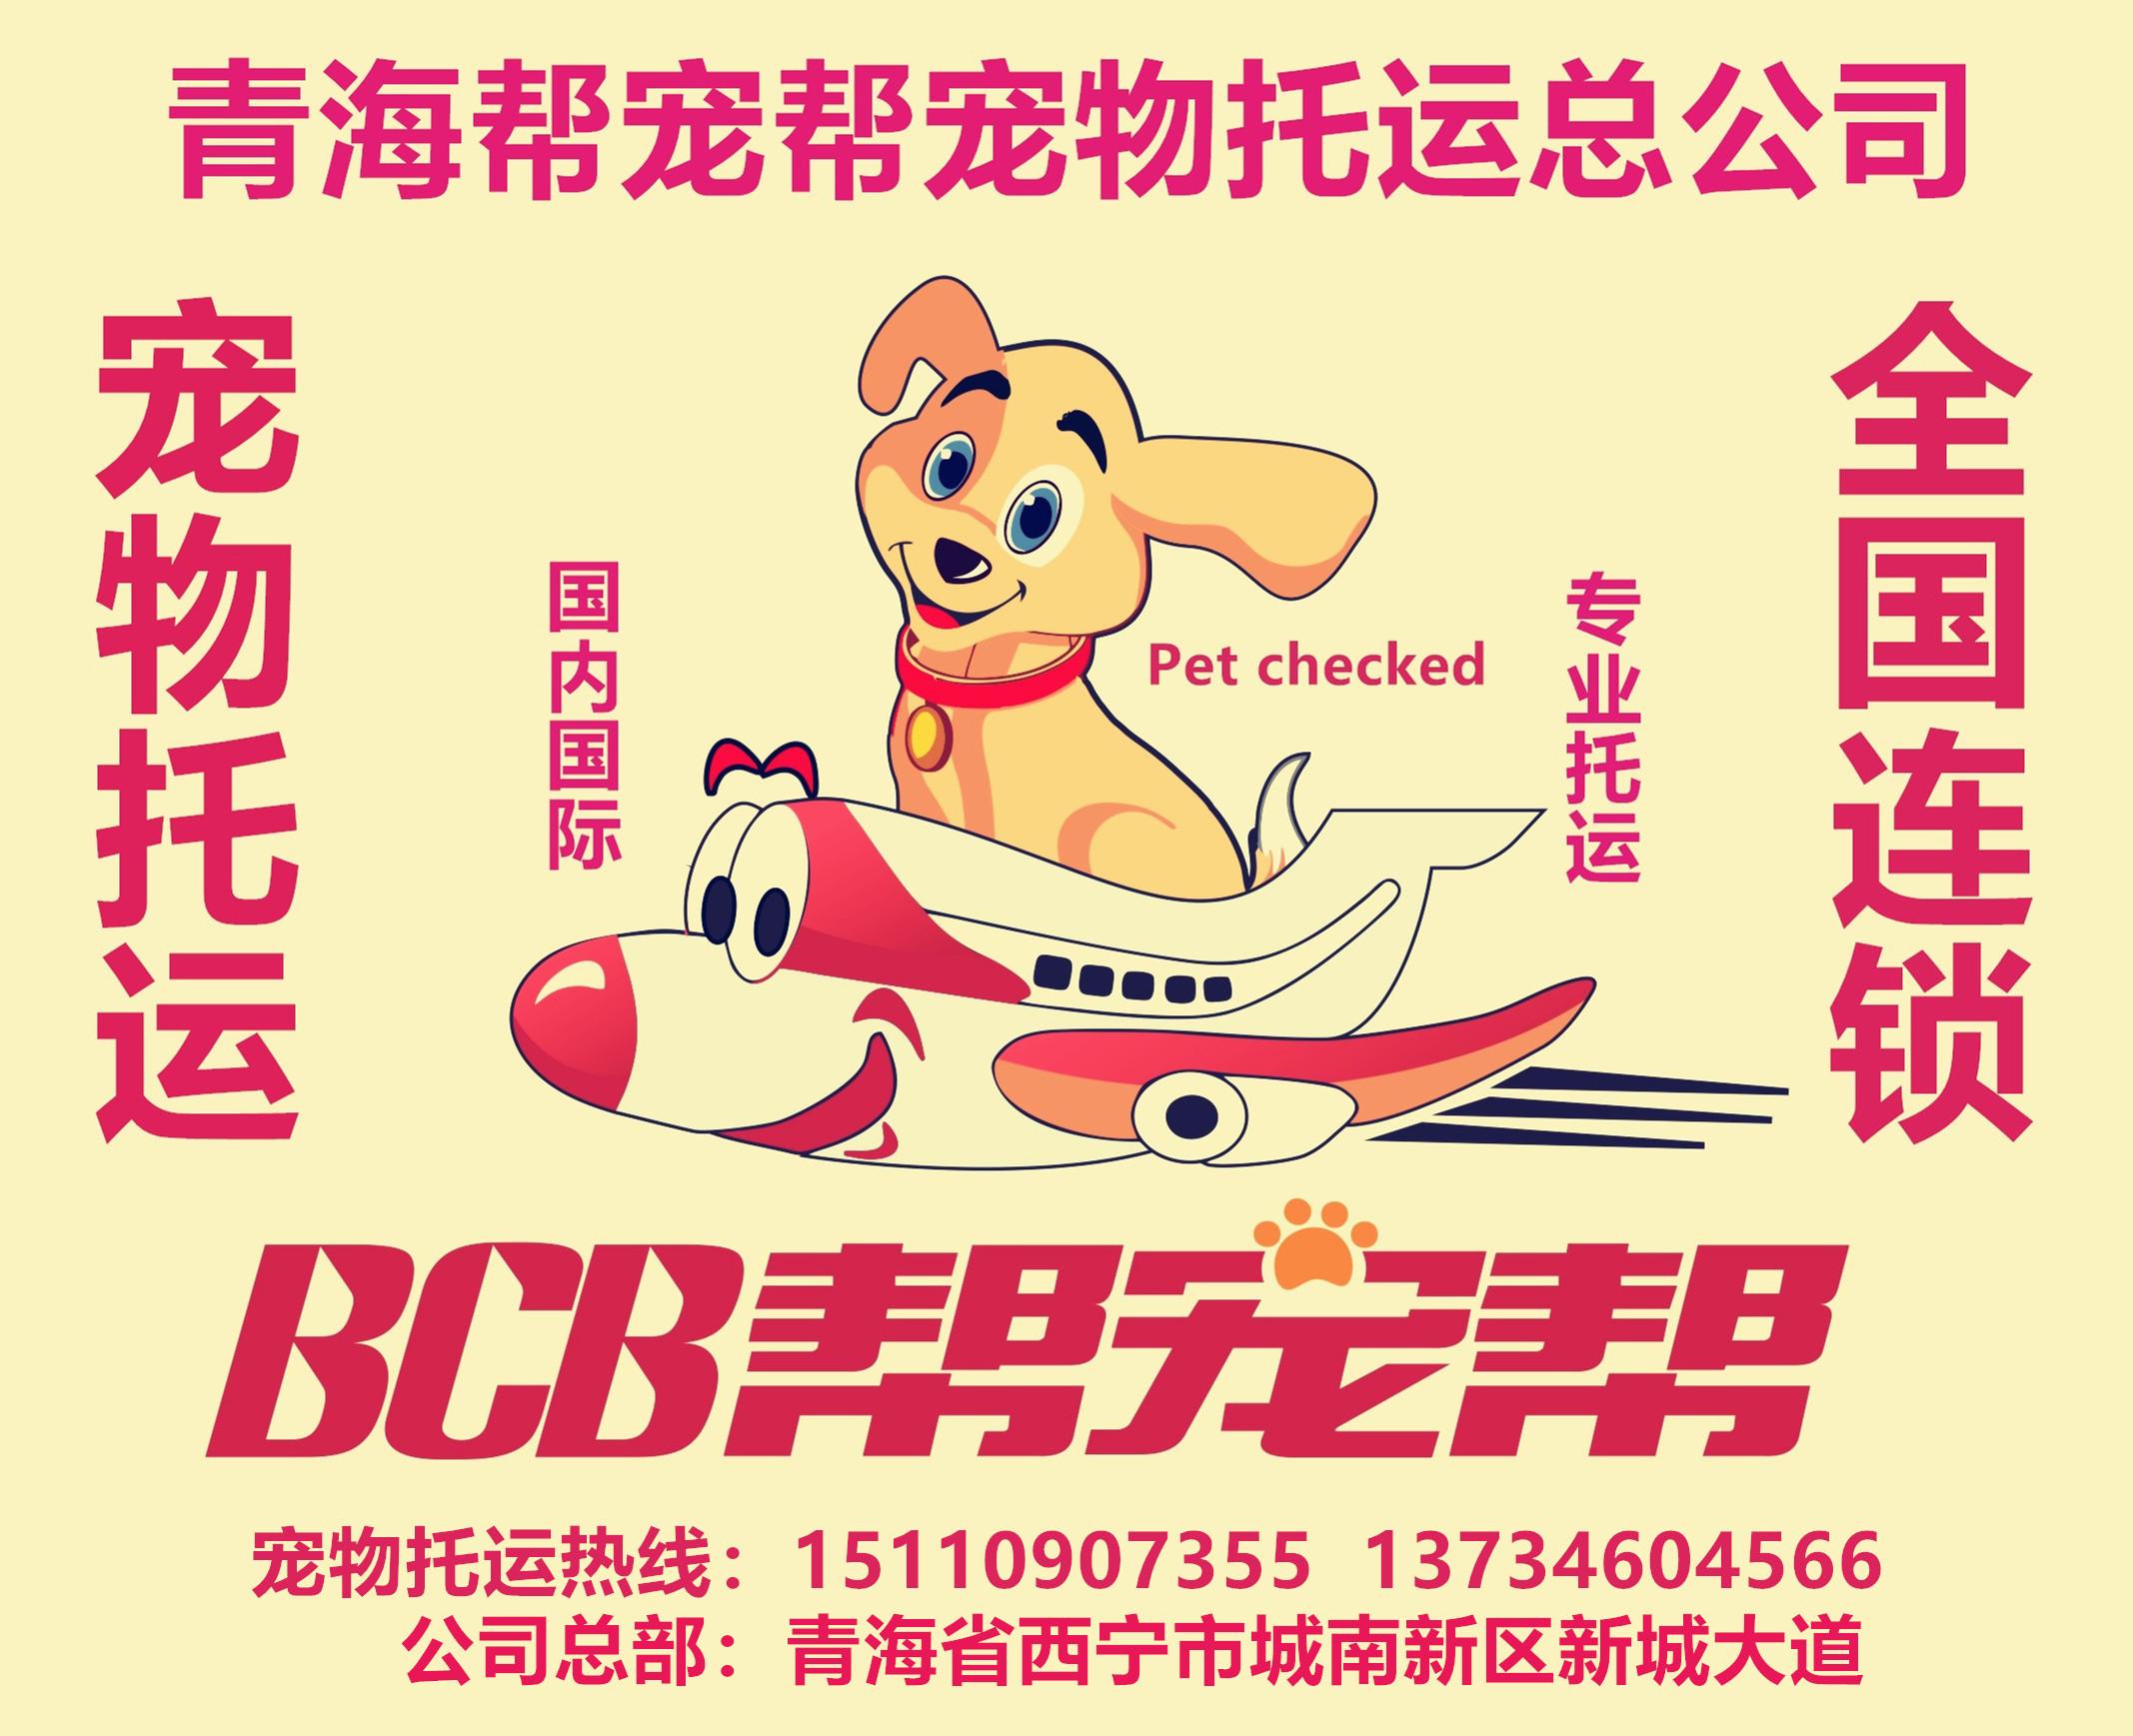 西宁宠物托运全国找西宁帮宠帮宠物托运公司